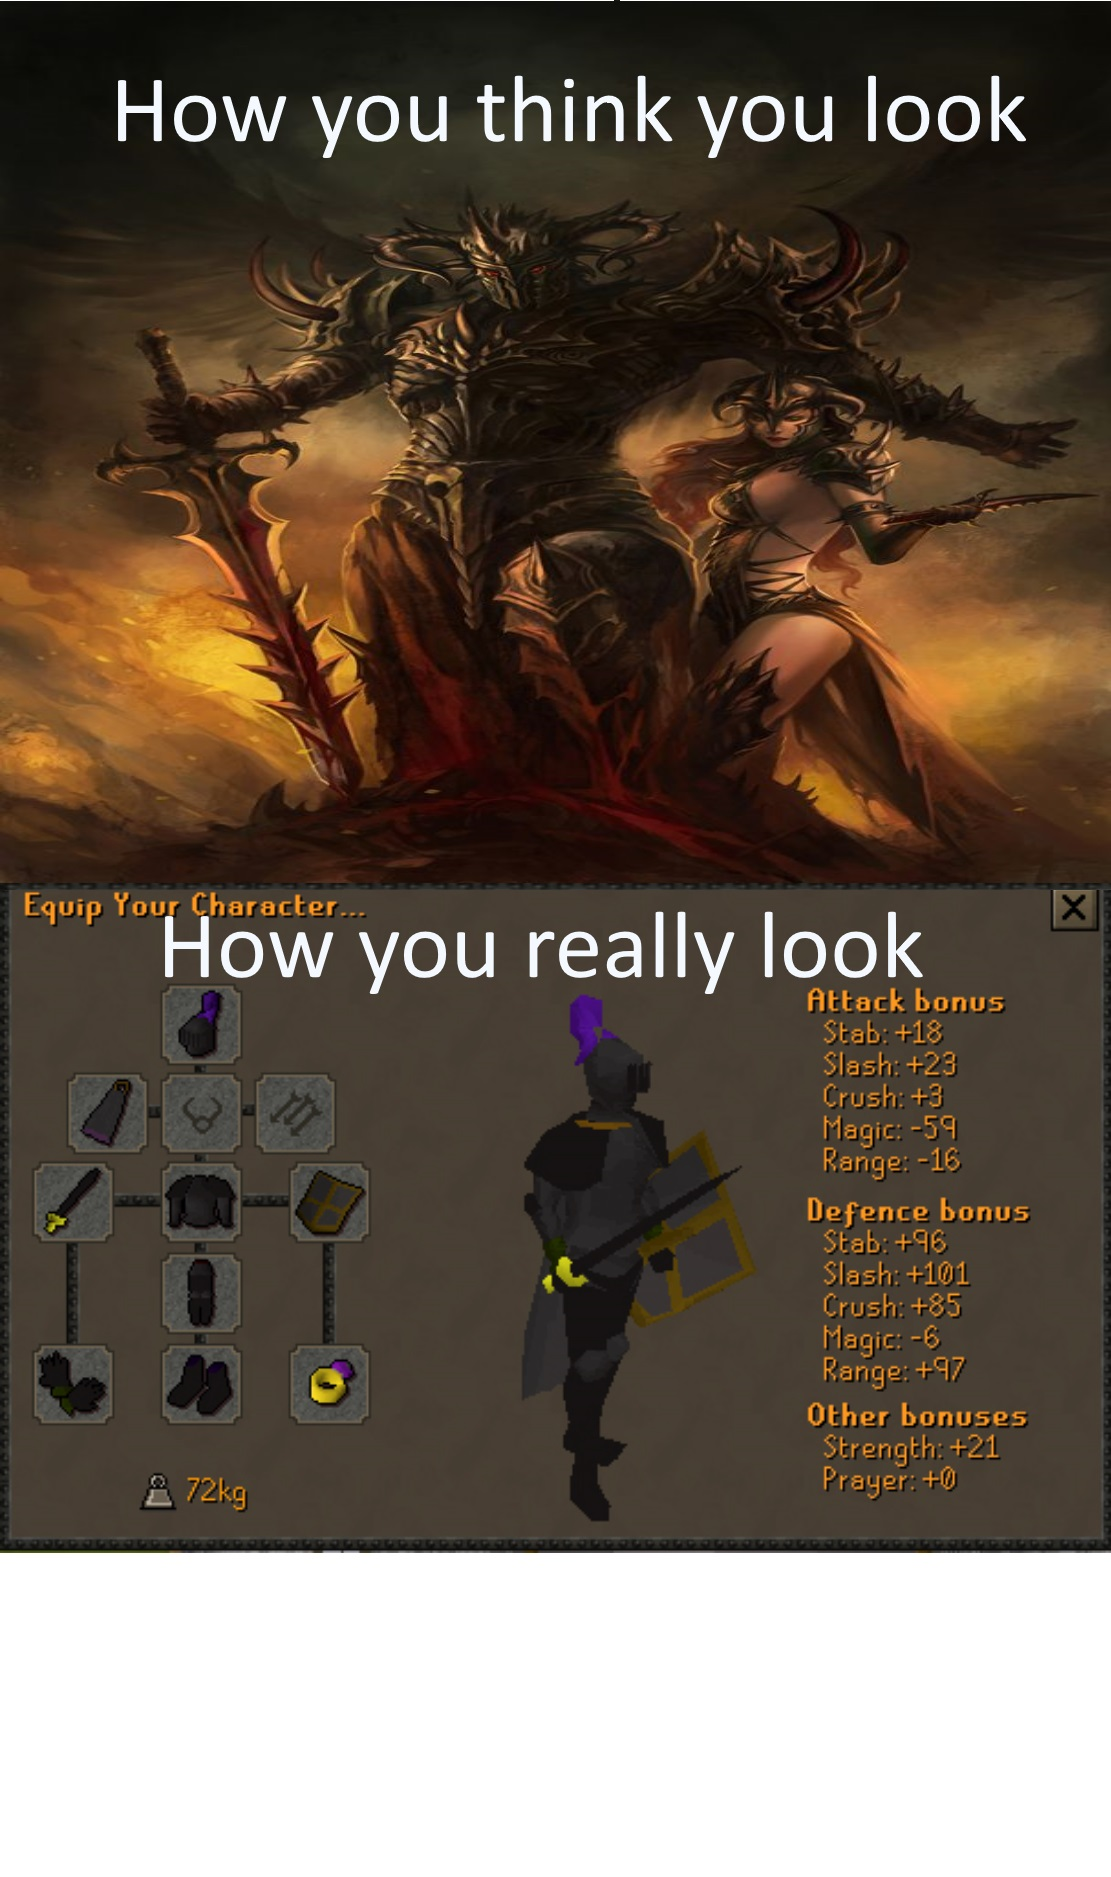 a3e4fb934540ddcc3c36a6a213571148--dark-warrior-fantasy-illustration.jpg